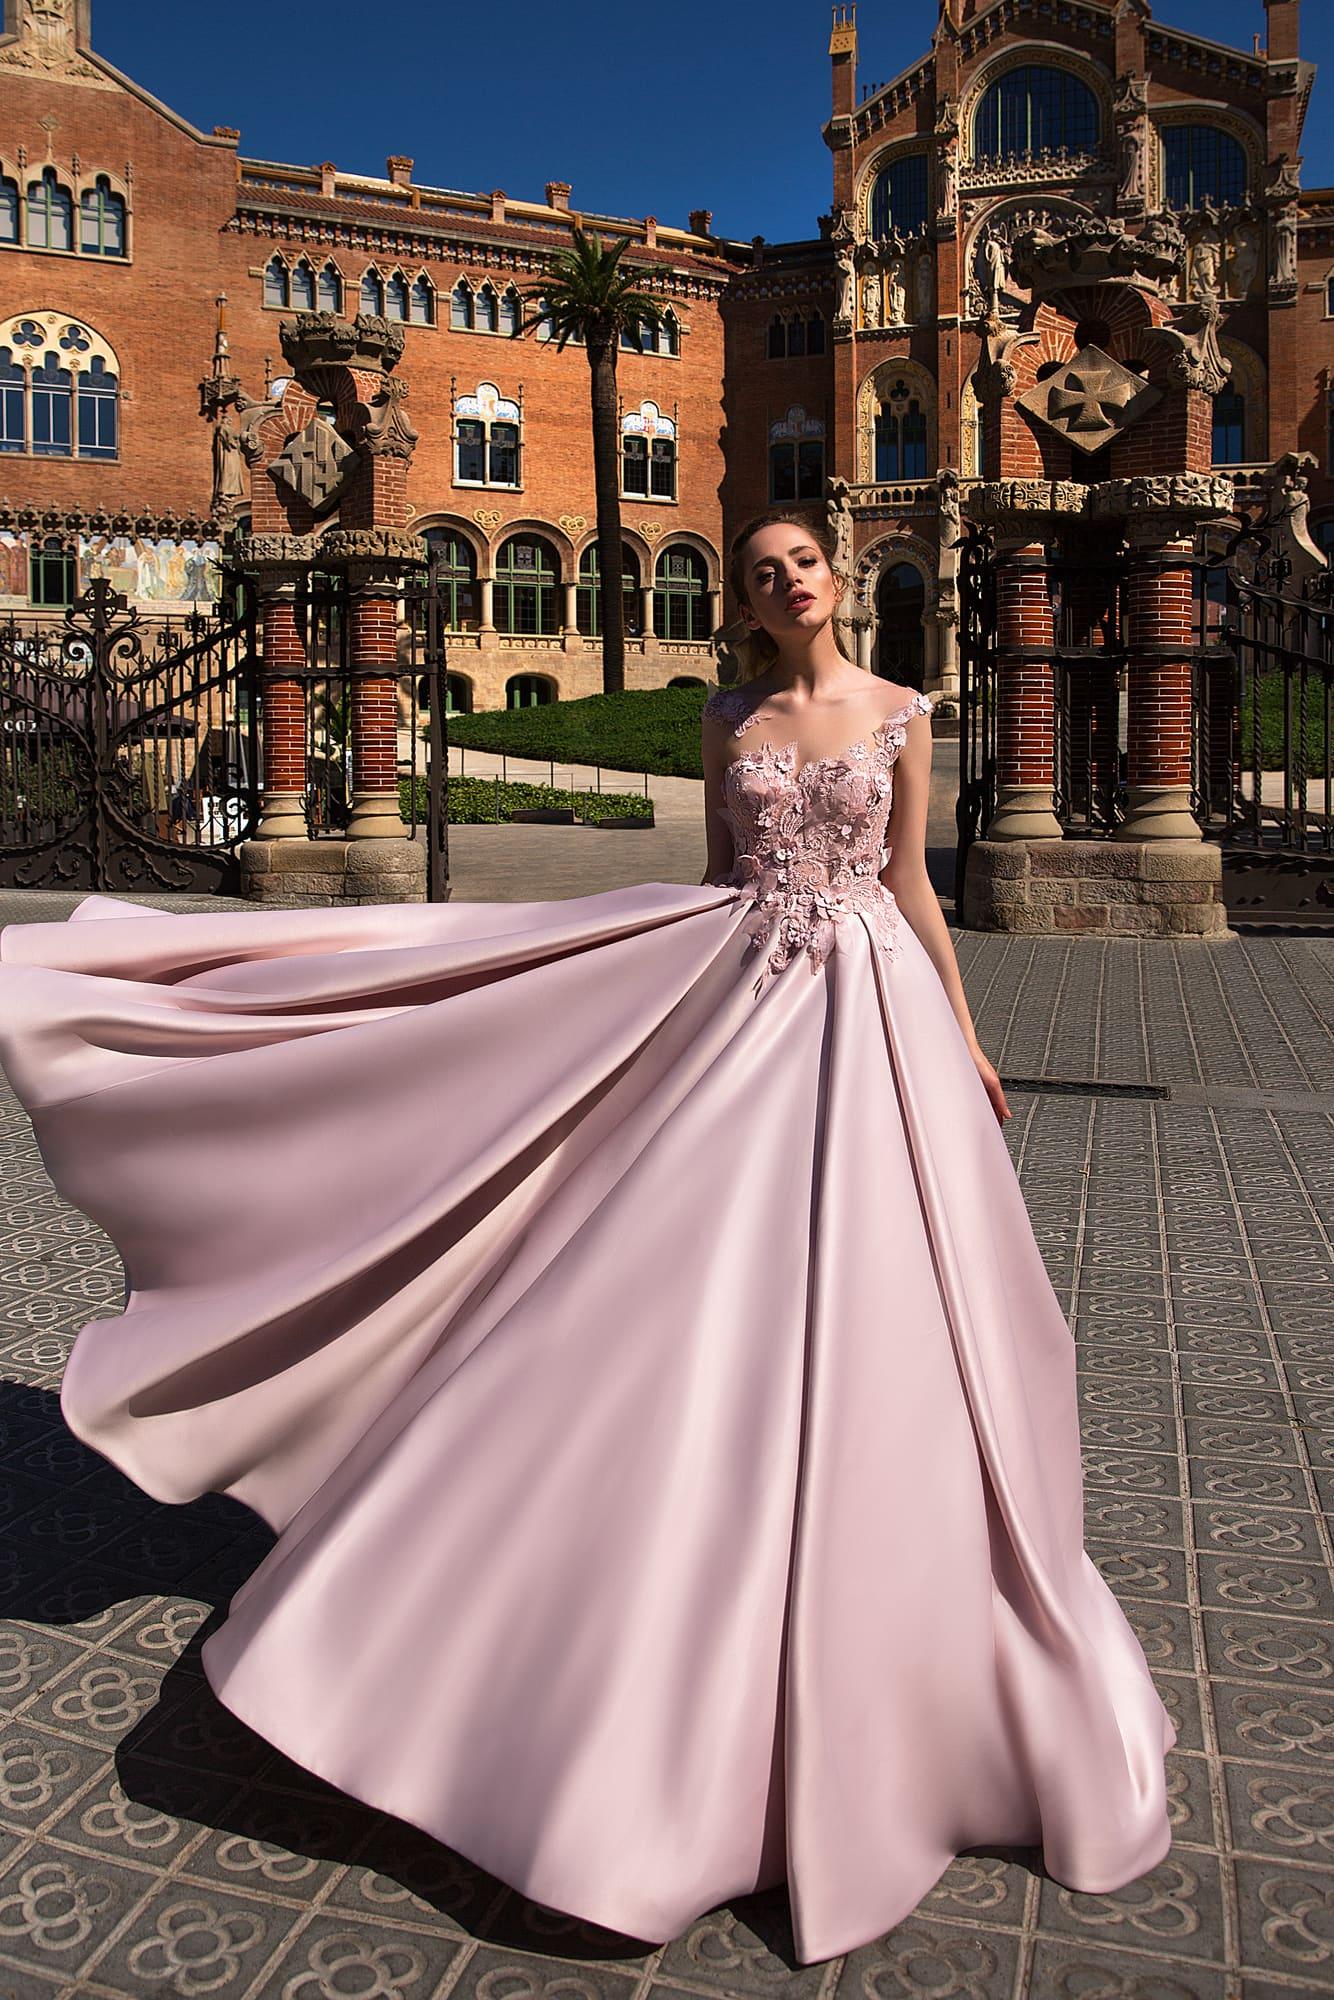 ca95bbadcf48b77 Вечернее платье розового цвета, с объемной отделкой верха и атласной юбкой  А-силуэта.